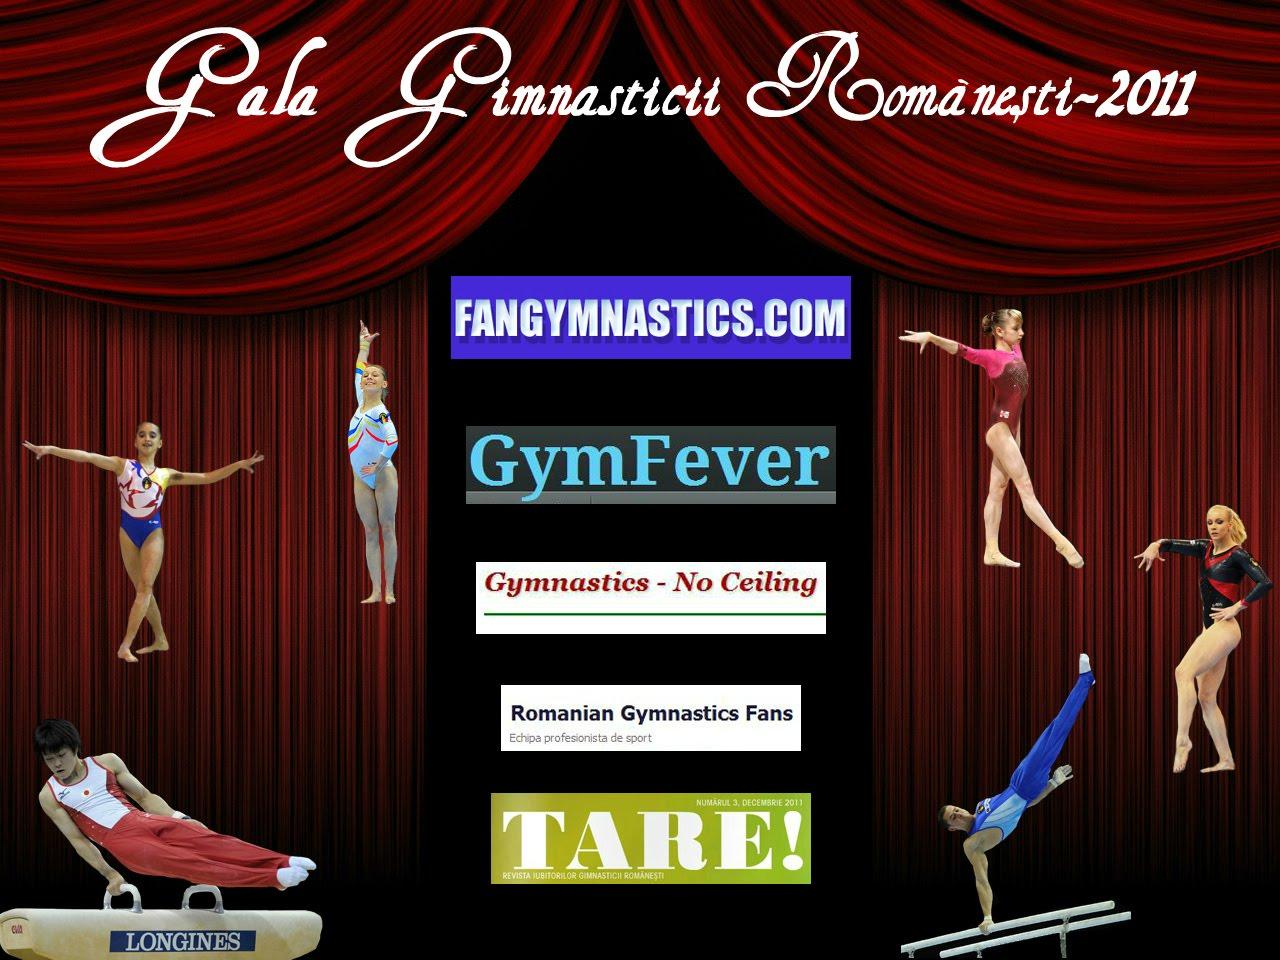 gala gimnasticii romanesti 2011